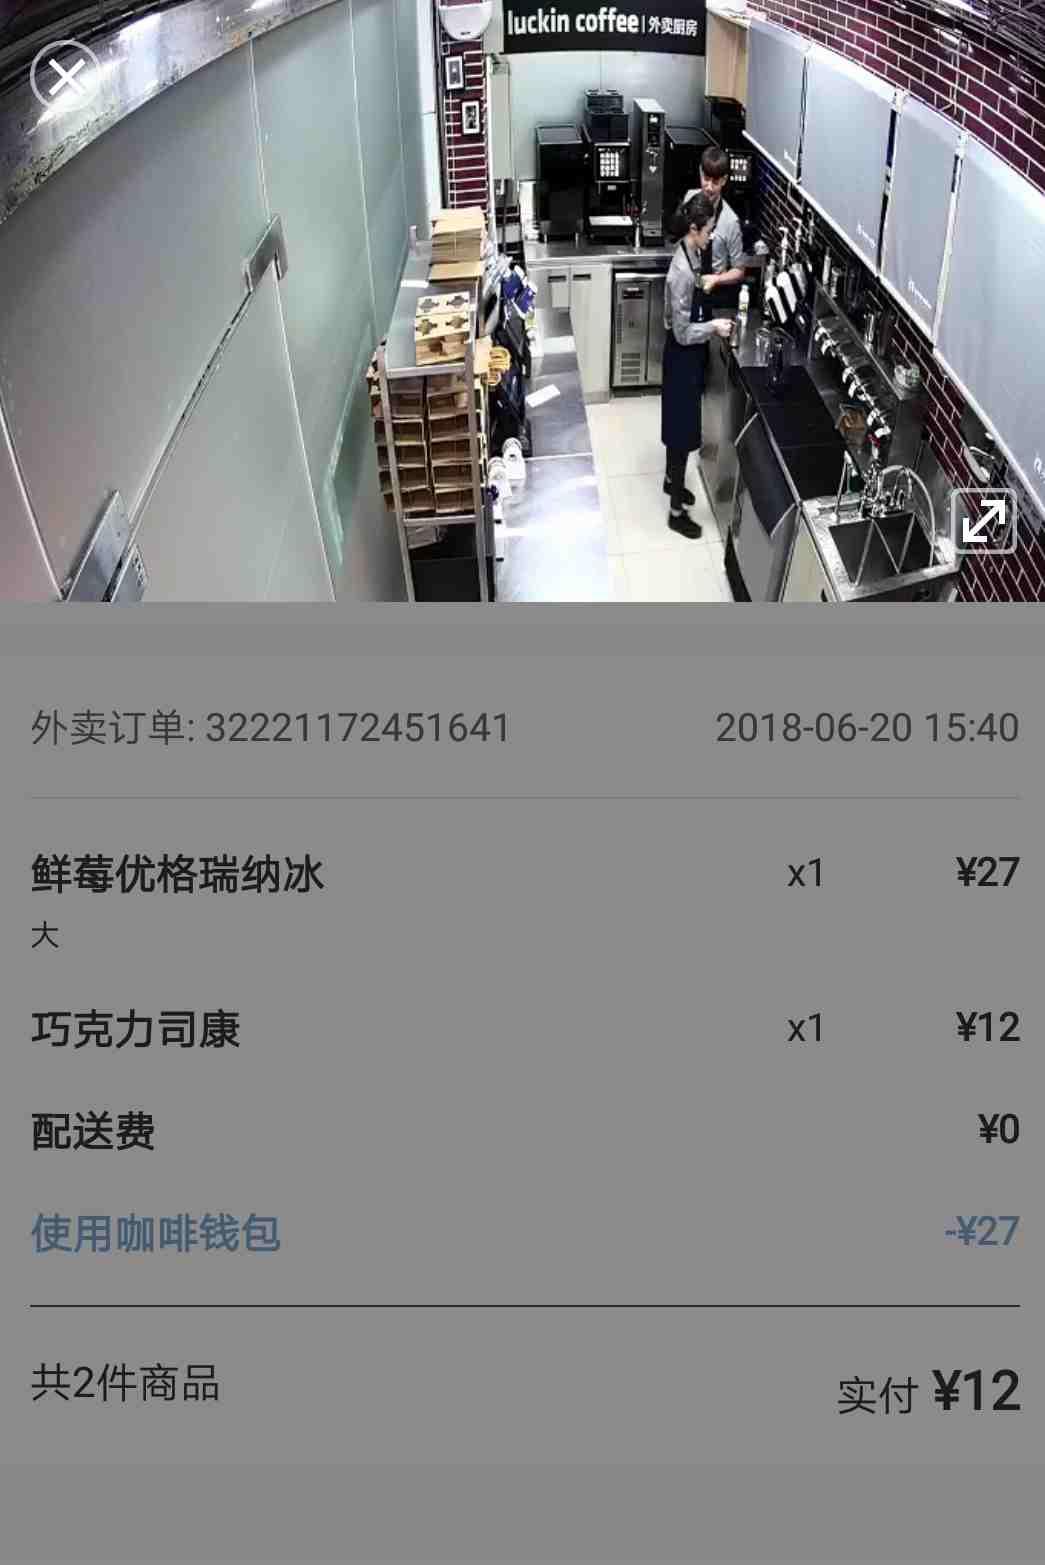 瑞幸咖啡APP上為客戶提供視頻直播。